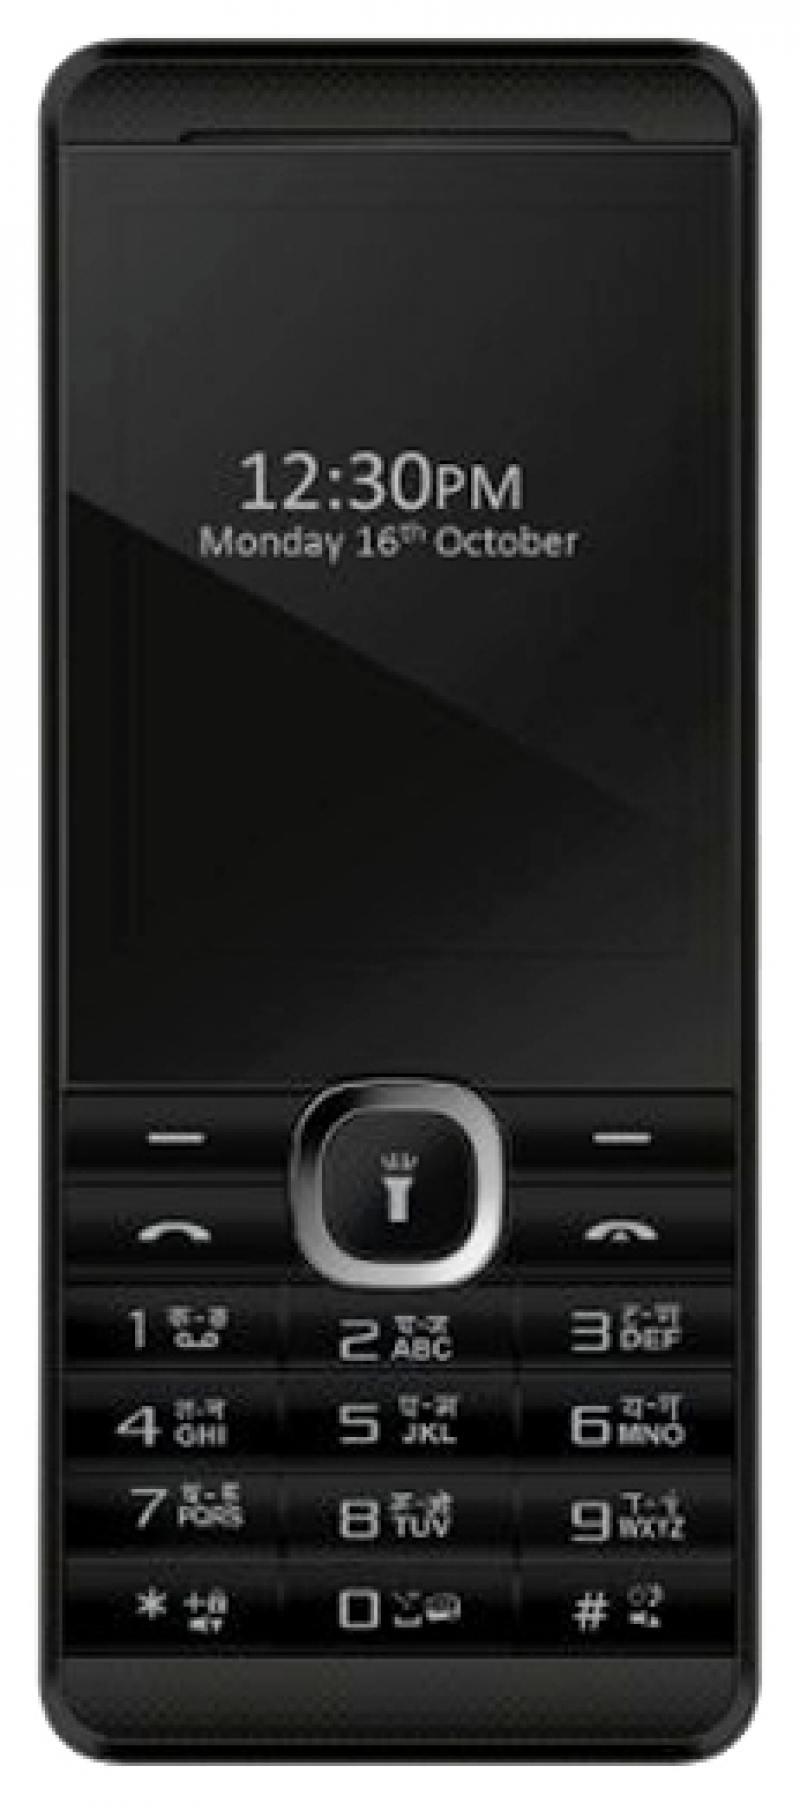 Мобильный телефон Micromax X249+ черный 2.4